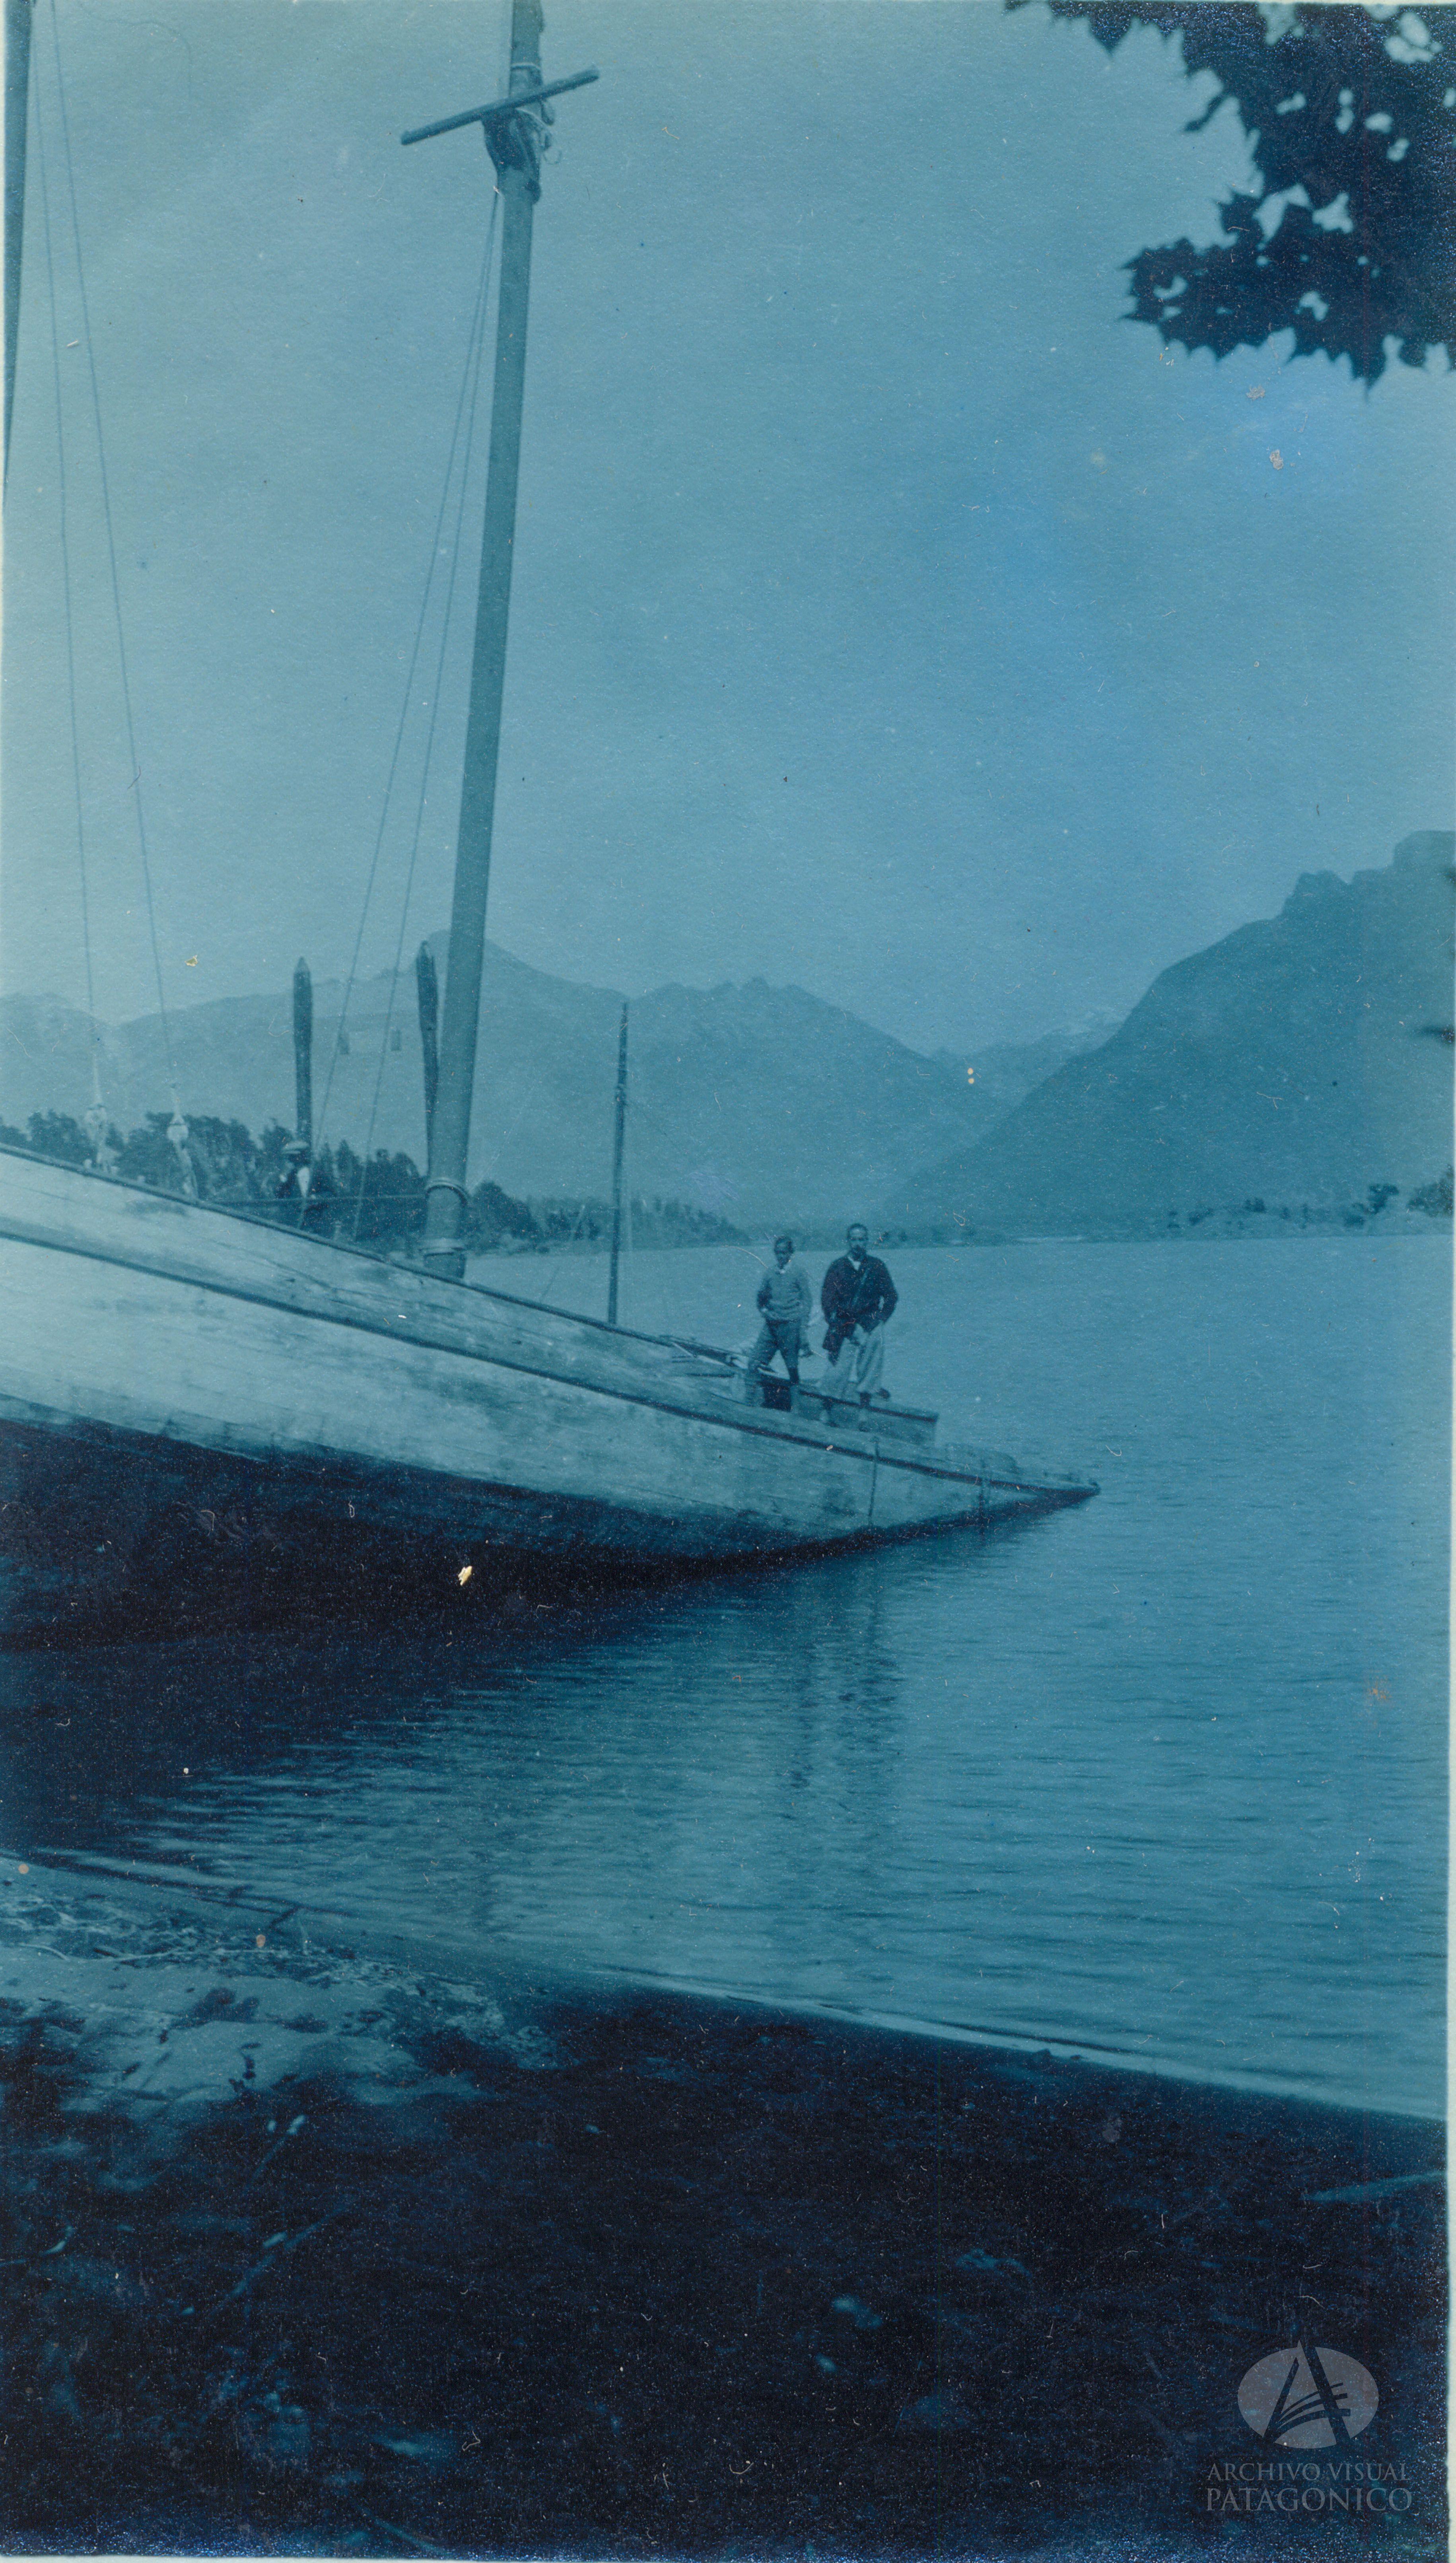 Goleta Pampa  Propiedad del Sr. Ing, Otto Mühlenpfordt atracado en Puerto Anchorena, Isla Victoria, Ca. 1930 (Col. Luhrs en Archivo Visual Patagónico)